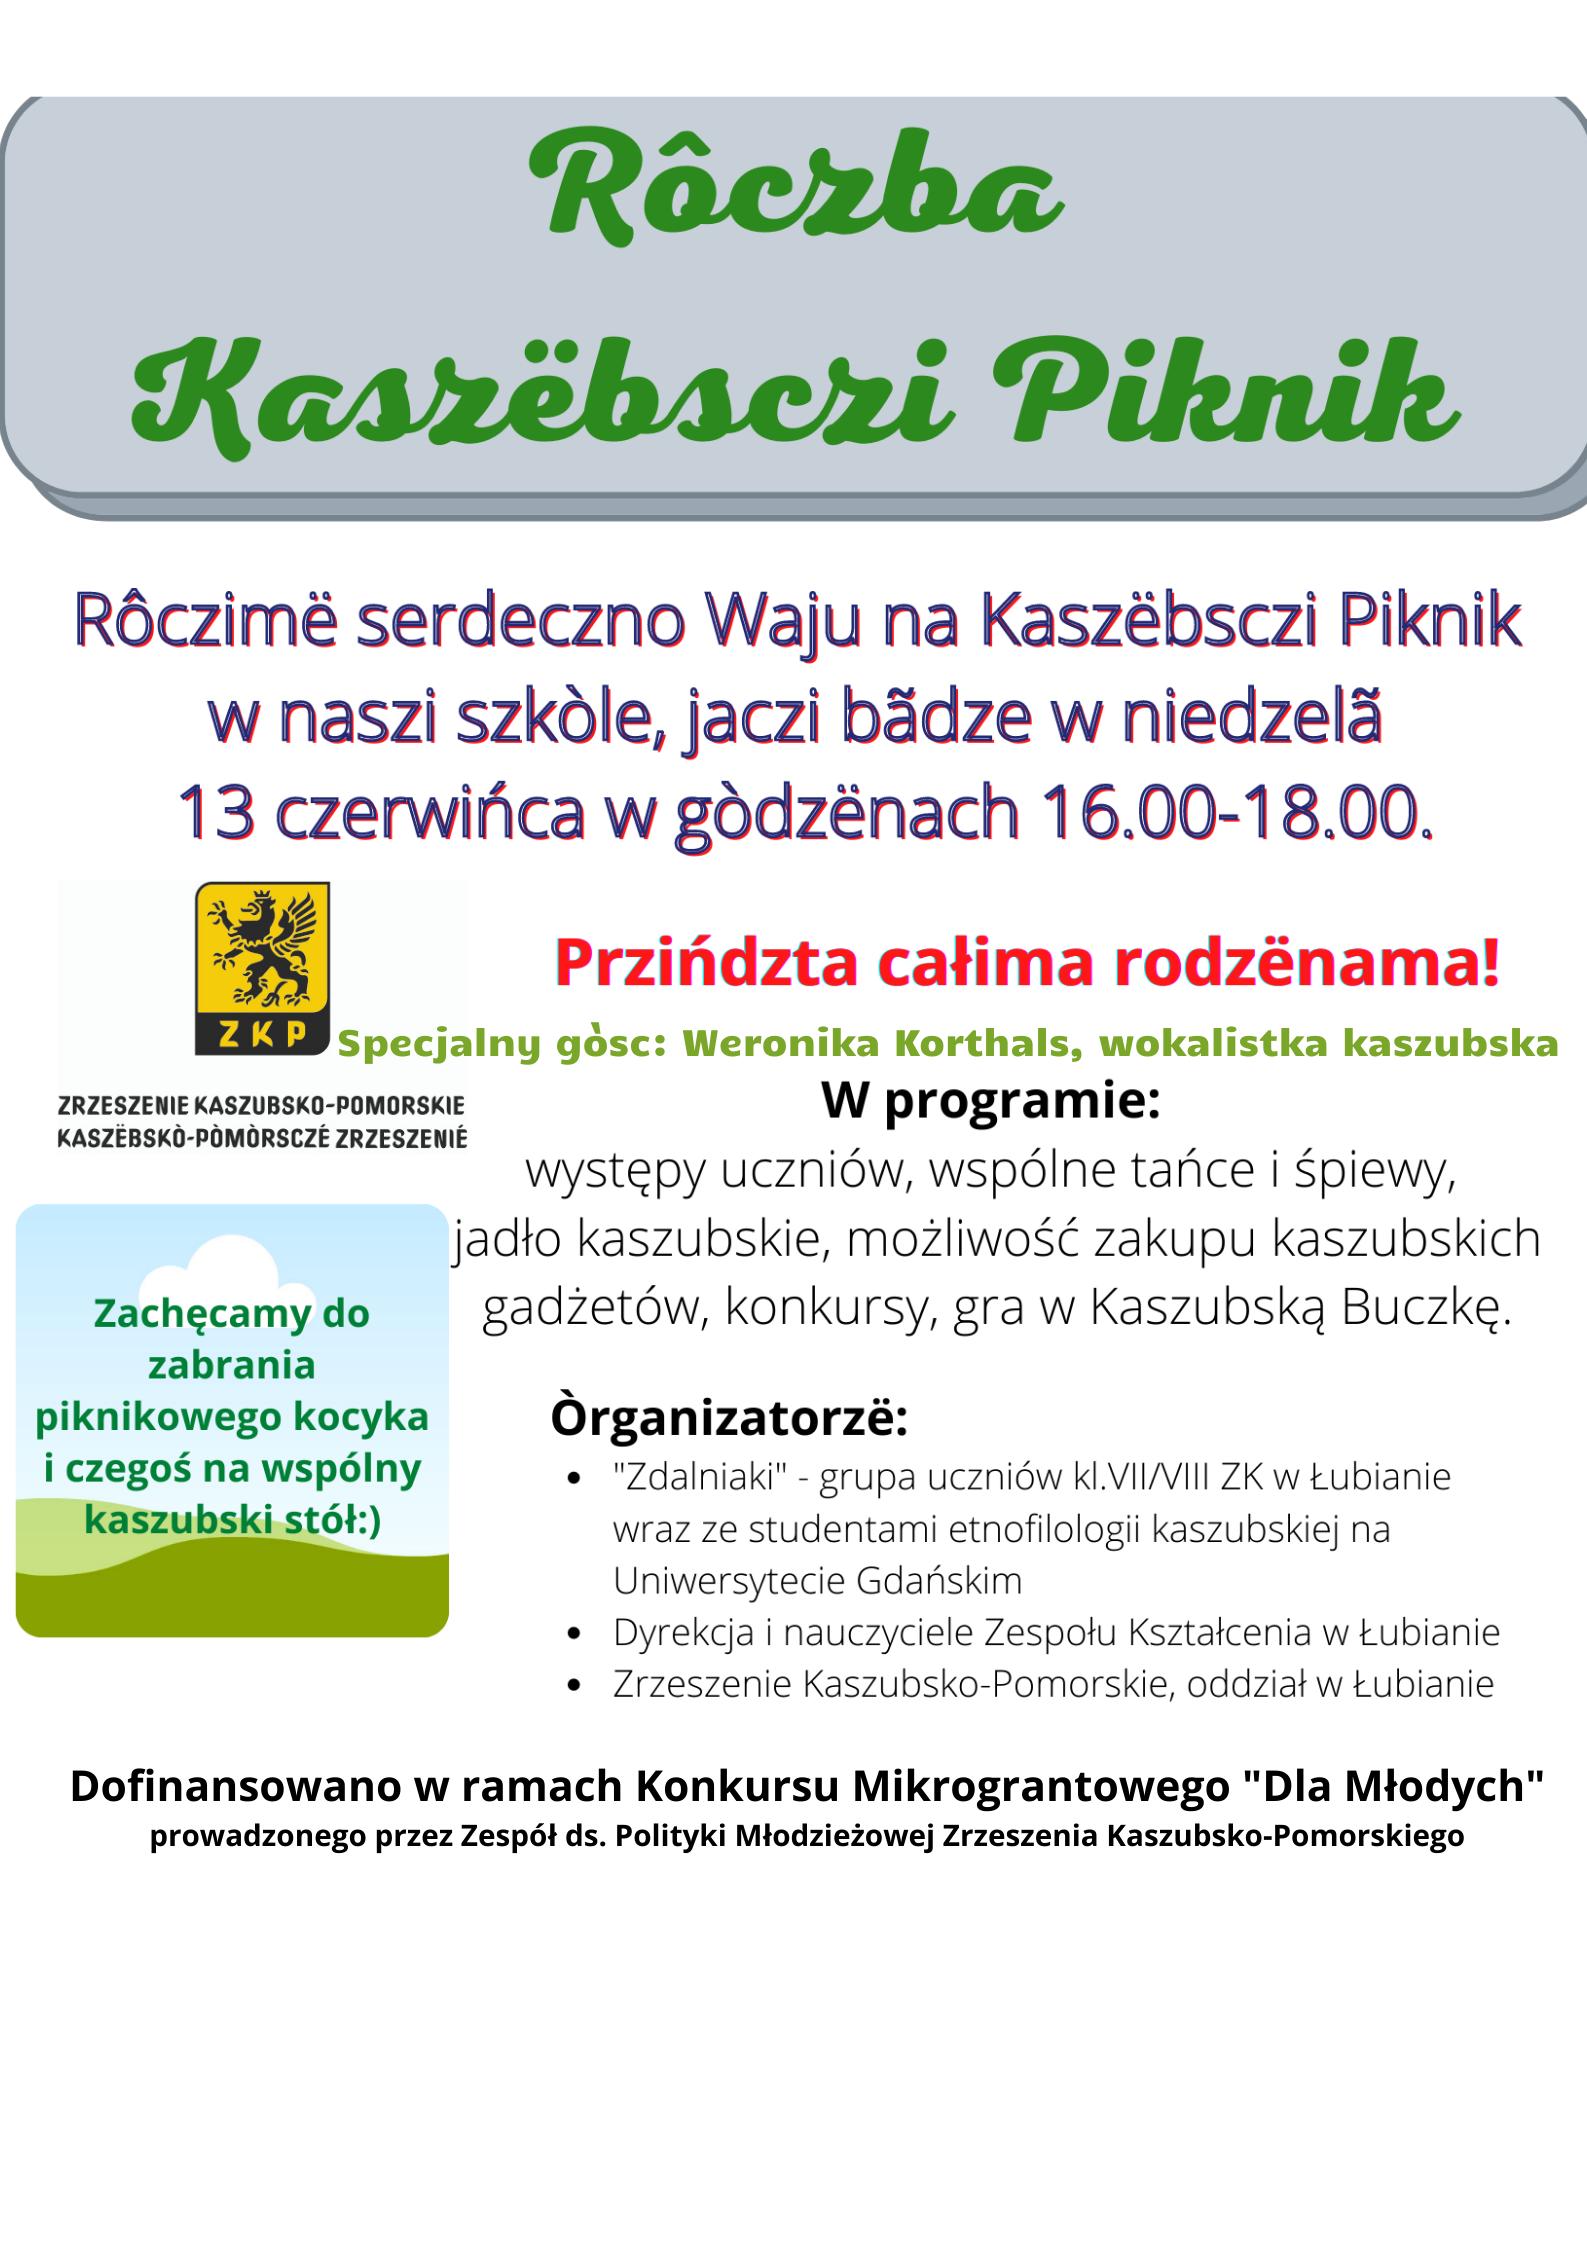 Kaszubski Piknik Rodzinny odbędzie się w szkole Łubianie